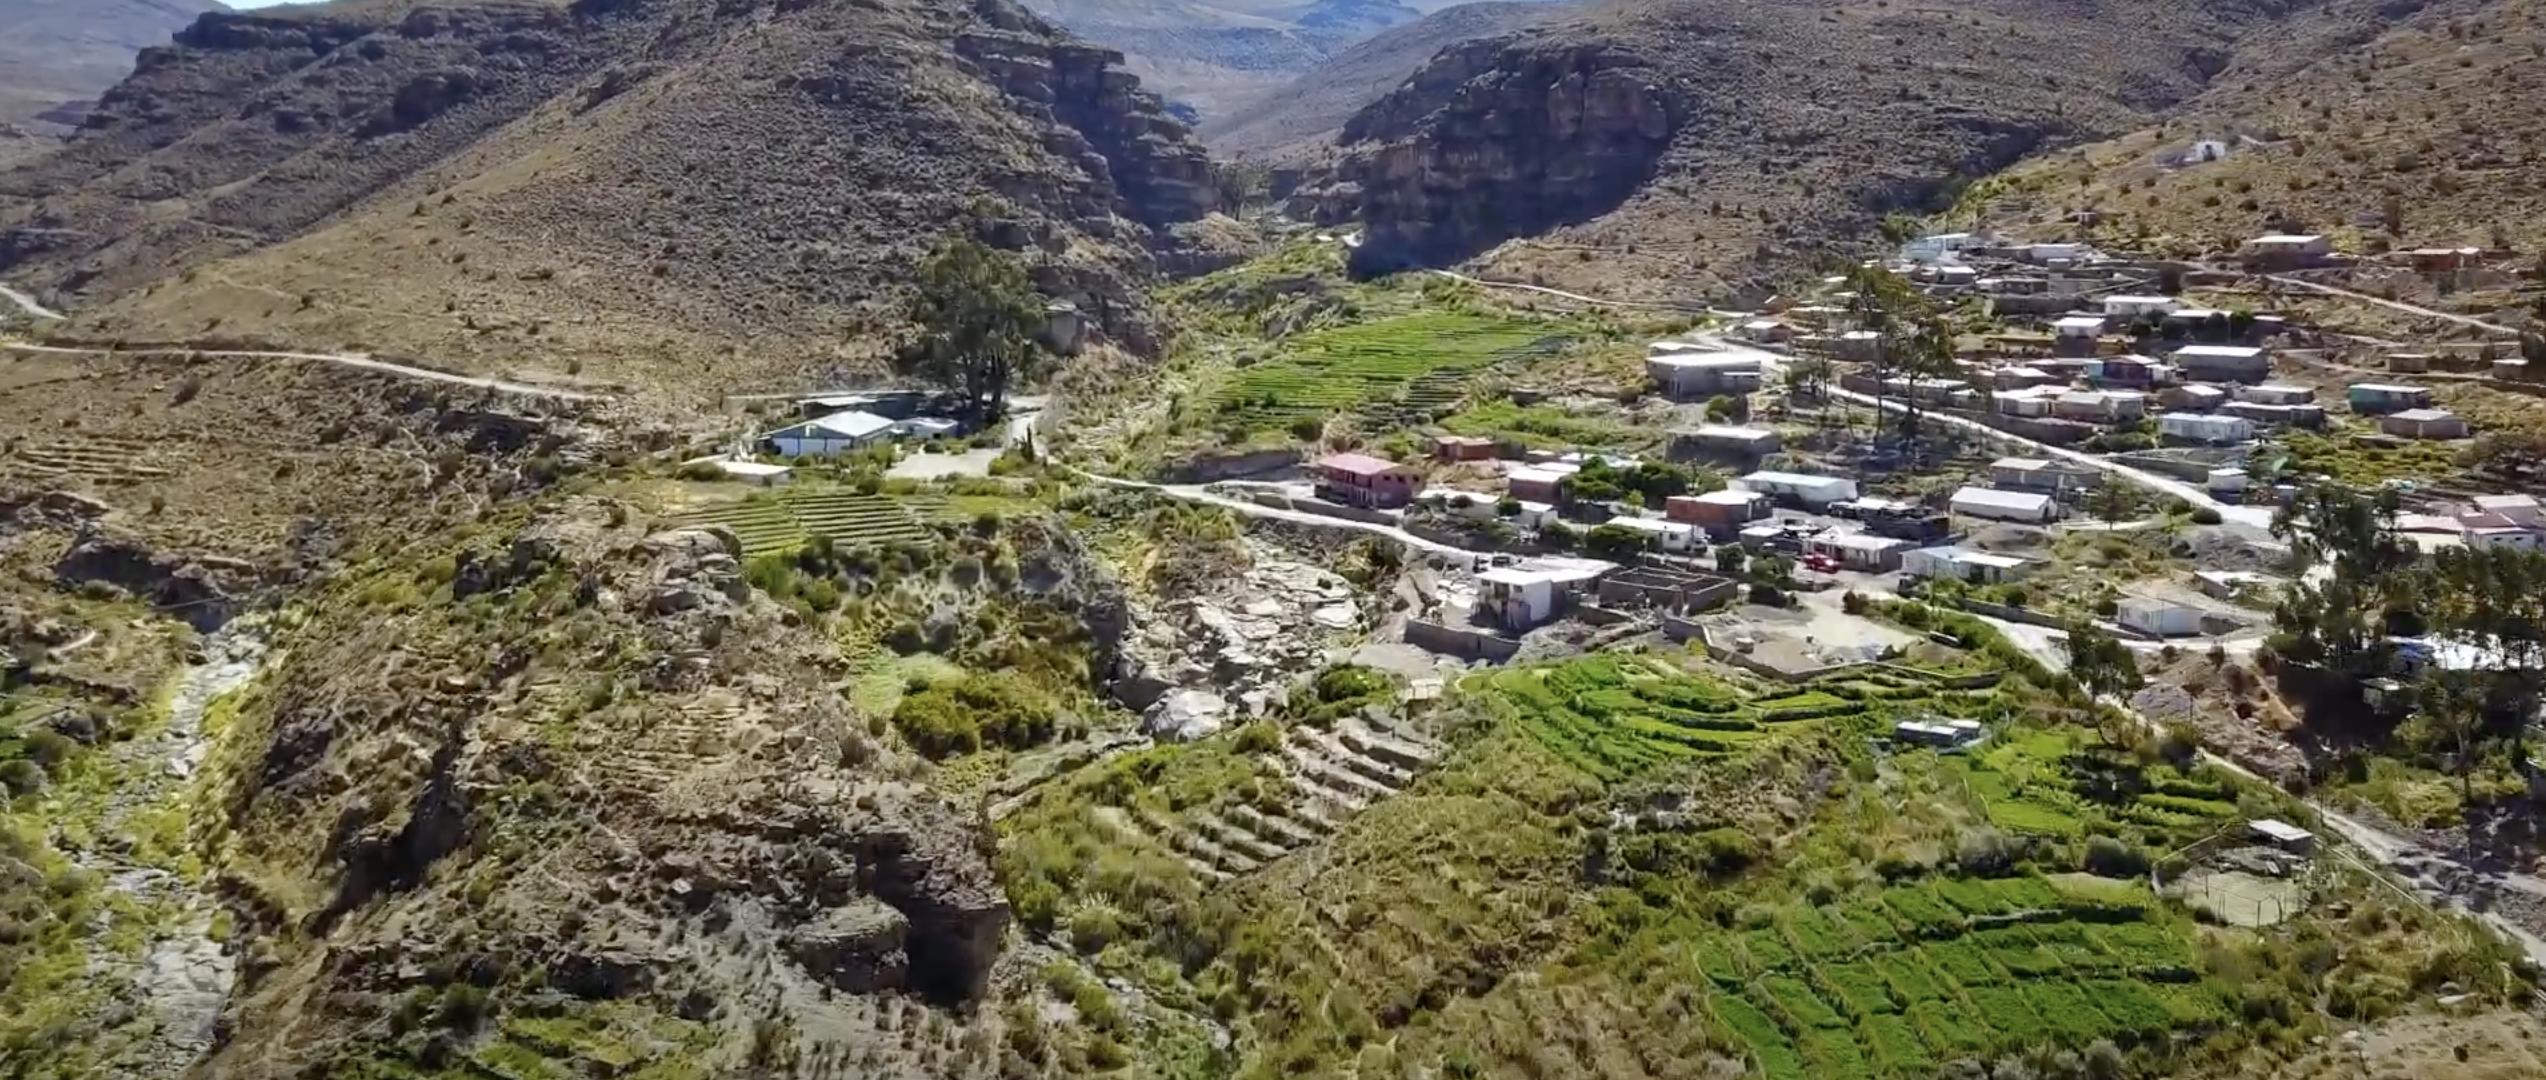 3 actividades divertidas que puedes hacer en el pueblo de Chusmiza.